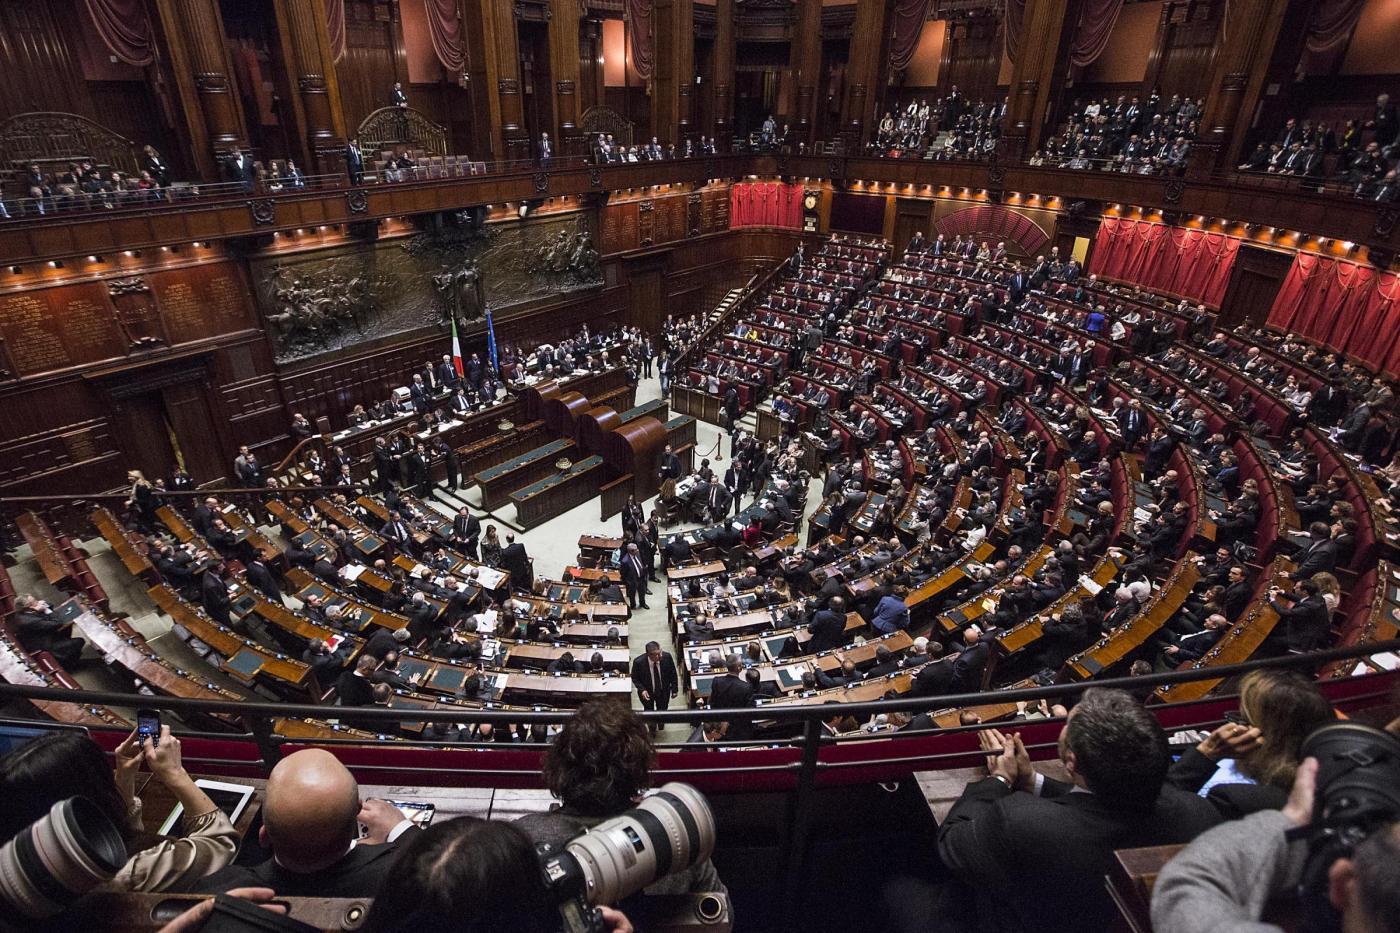 Elezione presidente della repubblica diretta streaming for In diretta dalla camera dei deputati